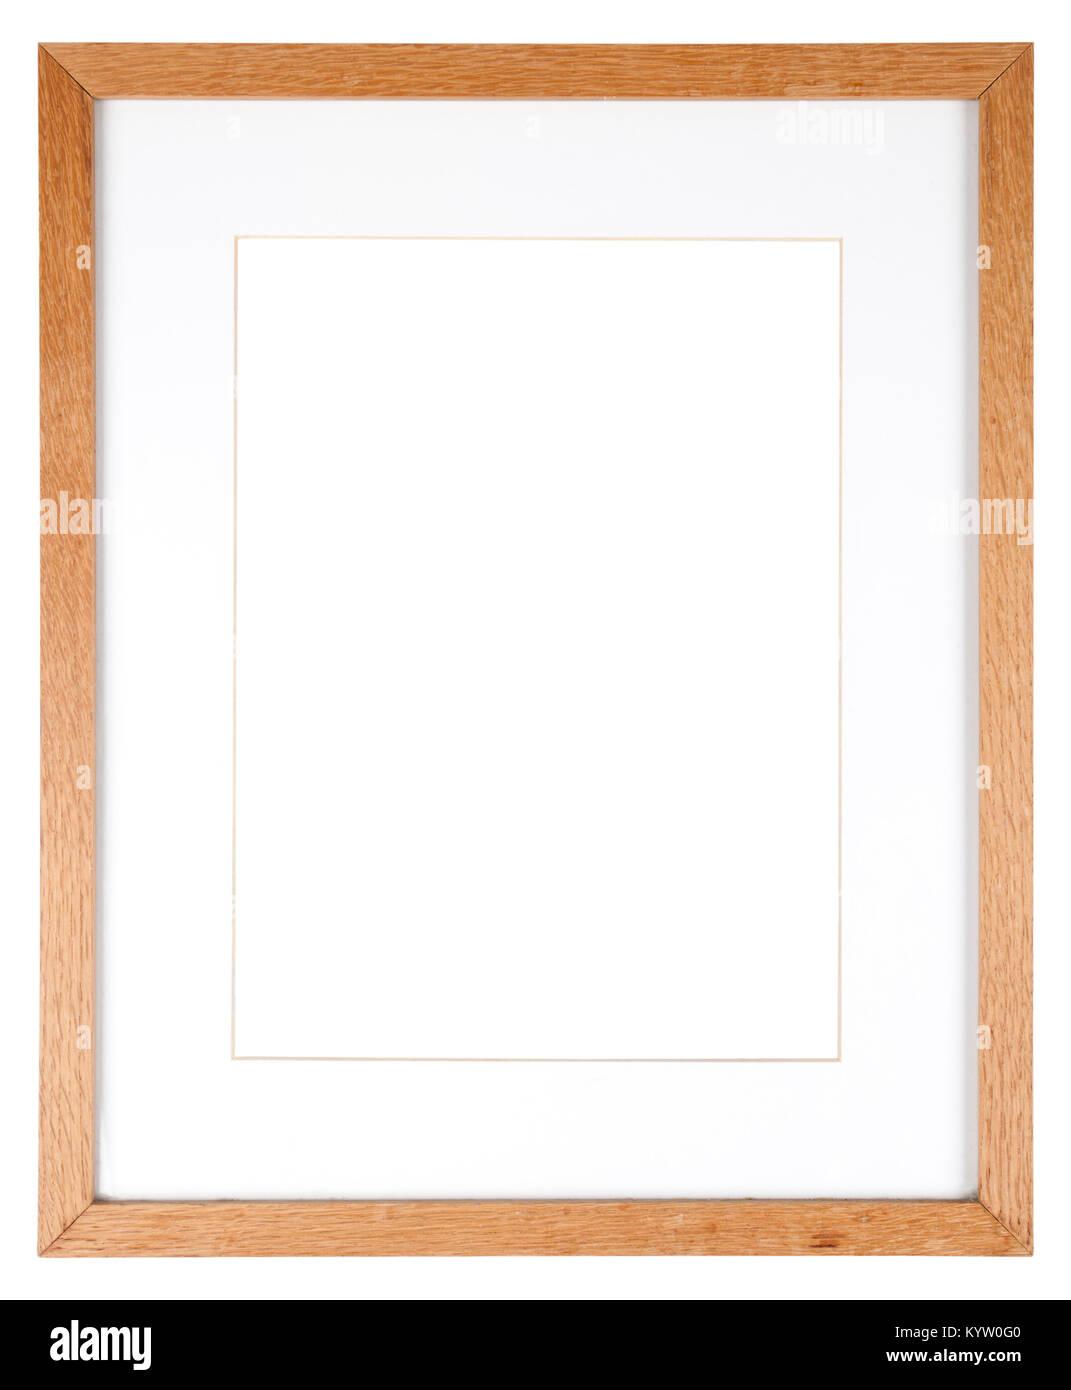 Leeres Bild Rahmen isoliert auf Weiss in einem einfachen Eiche Holz ...